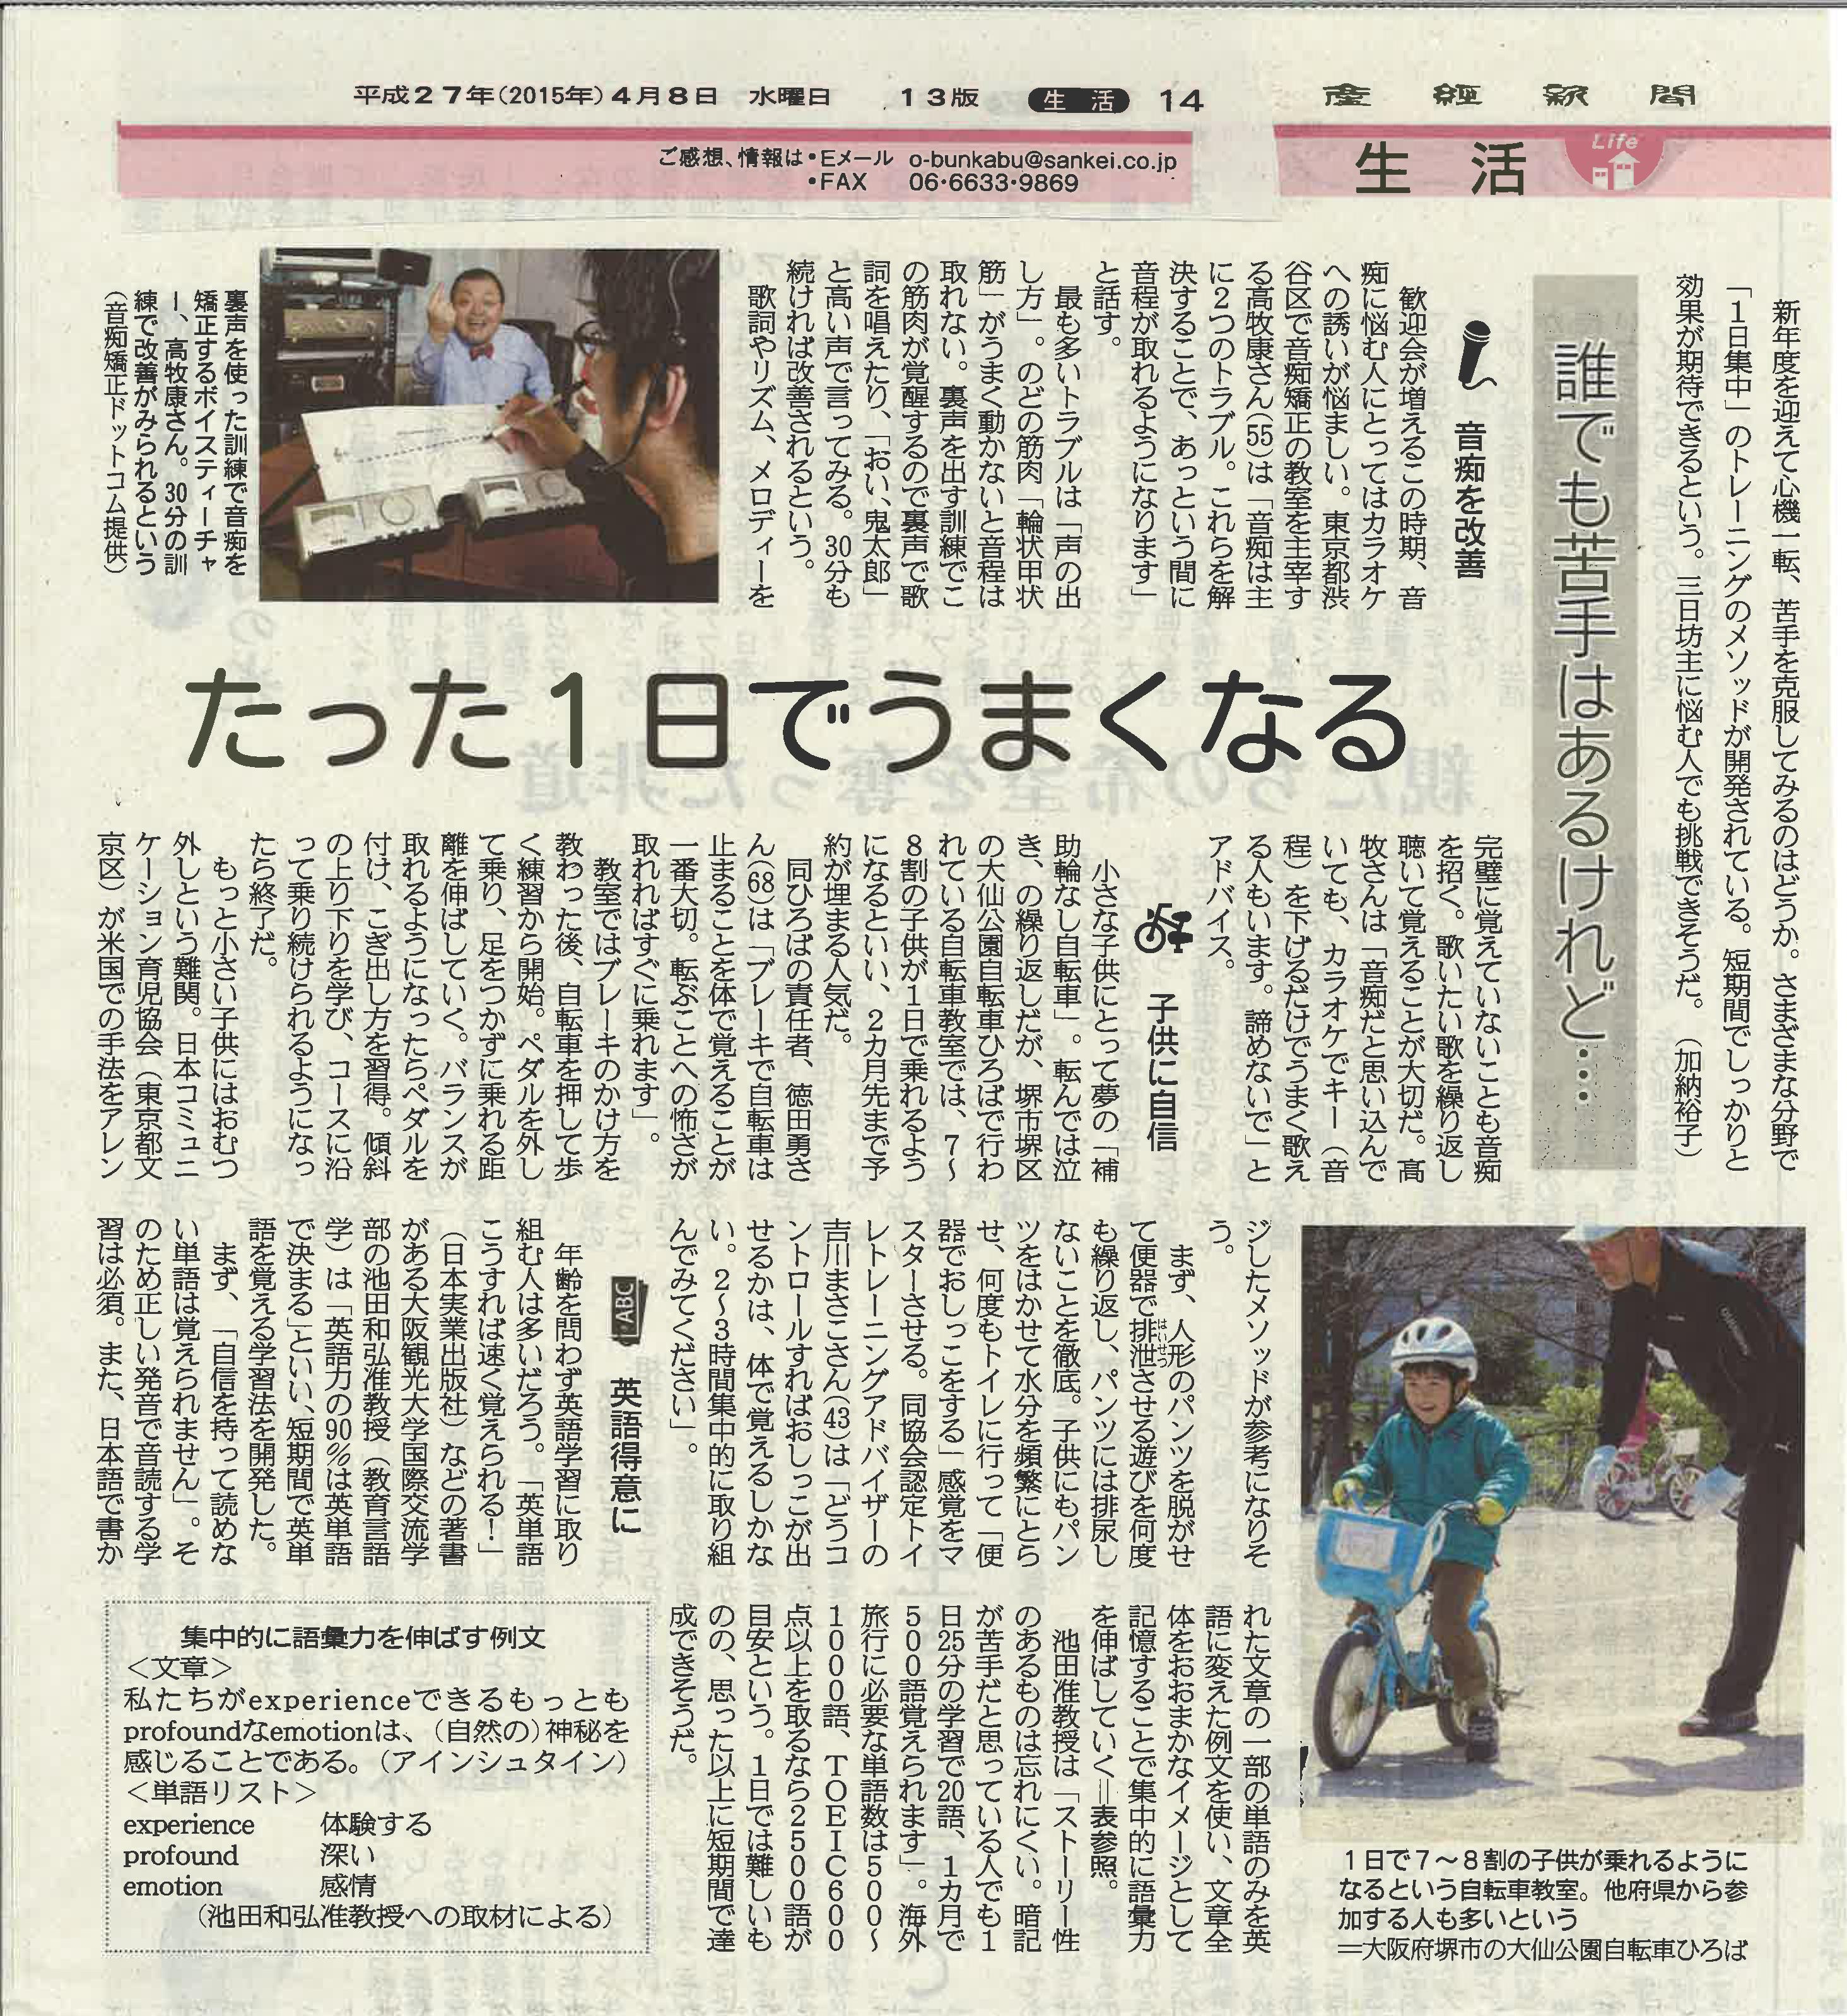 産経新聞 池田